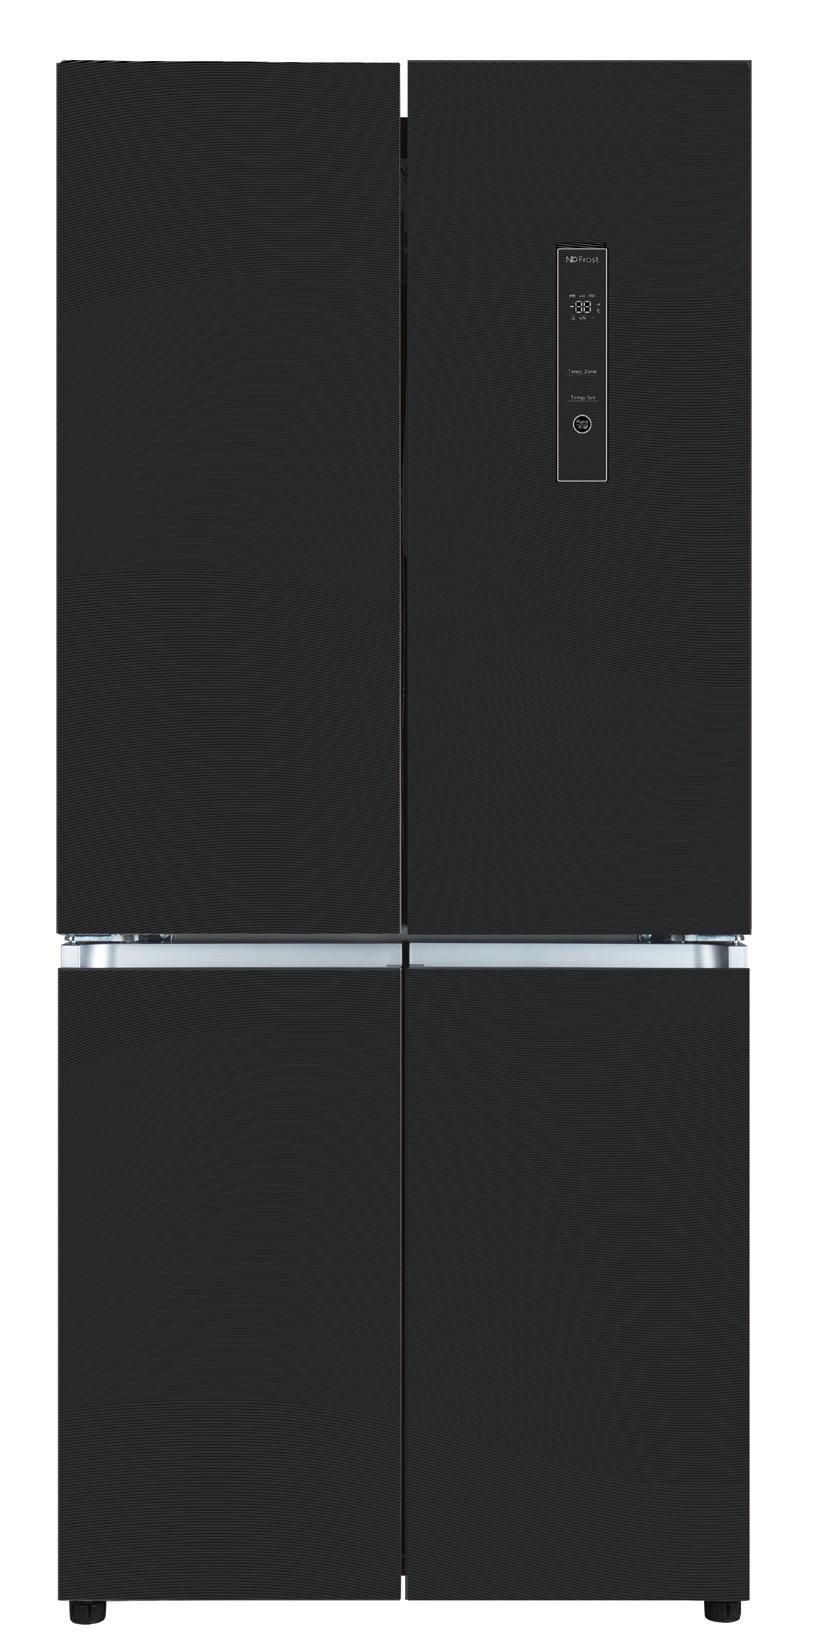 Refrigerador Black Multidoor Cuisinart Arkton